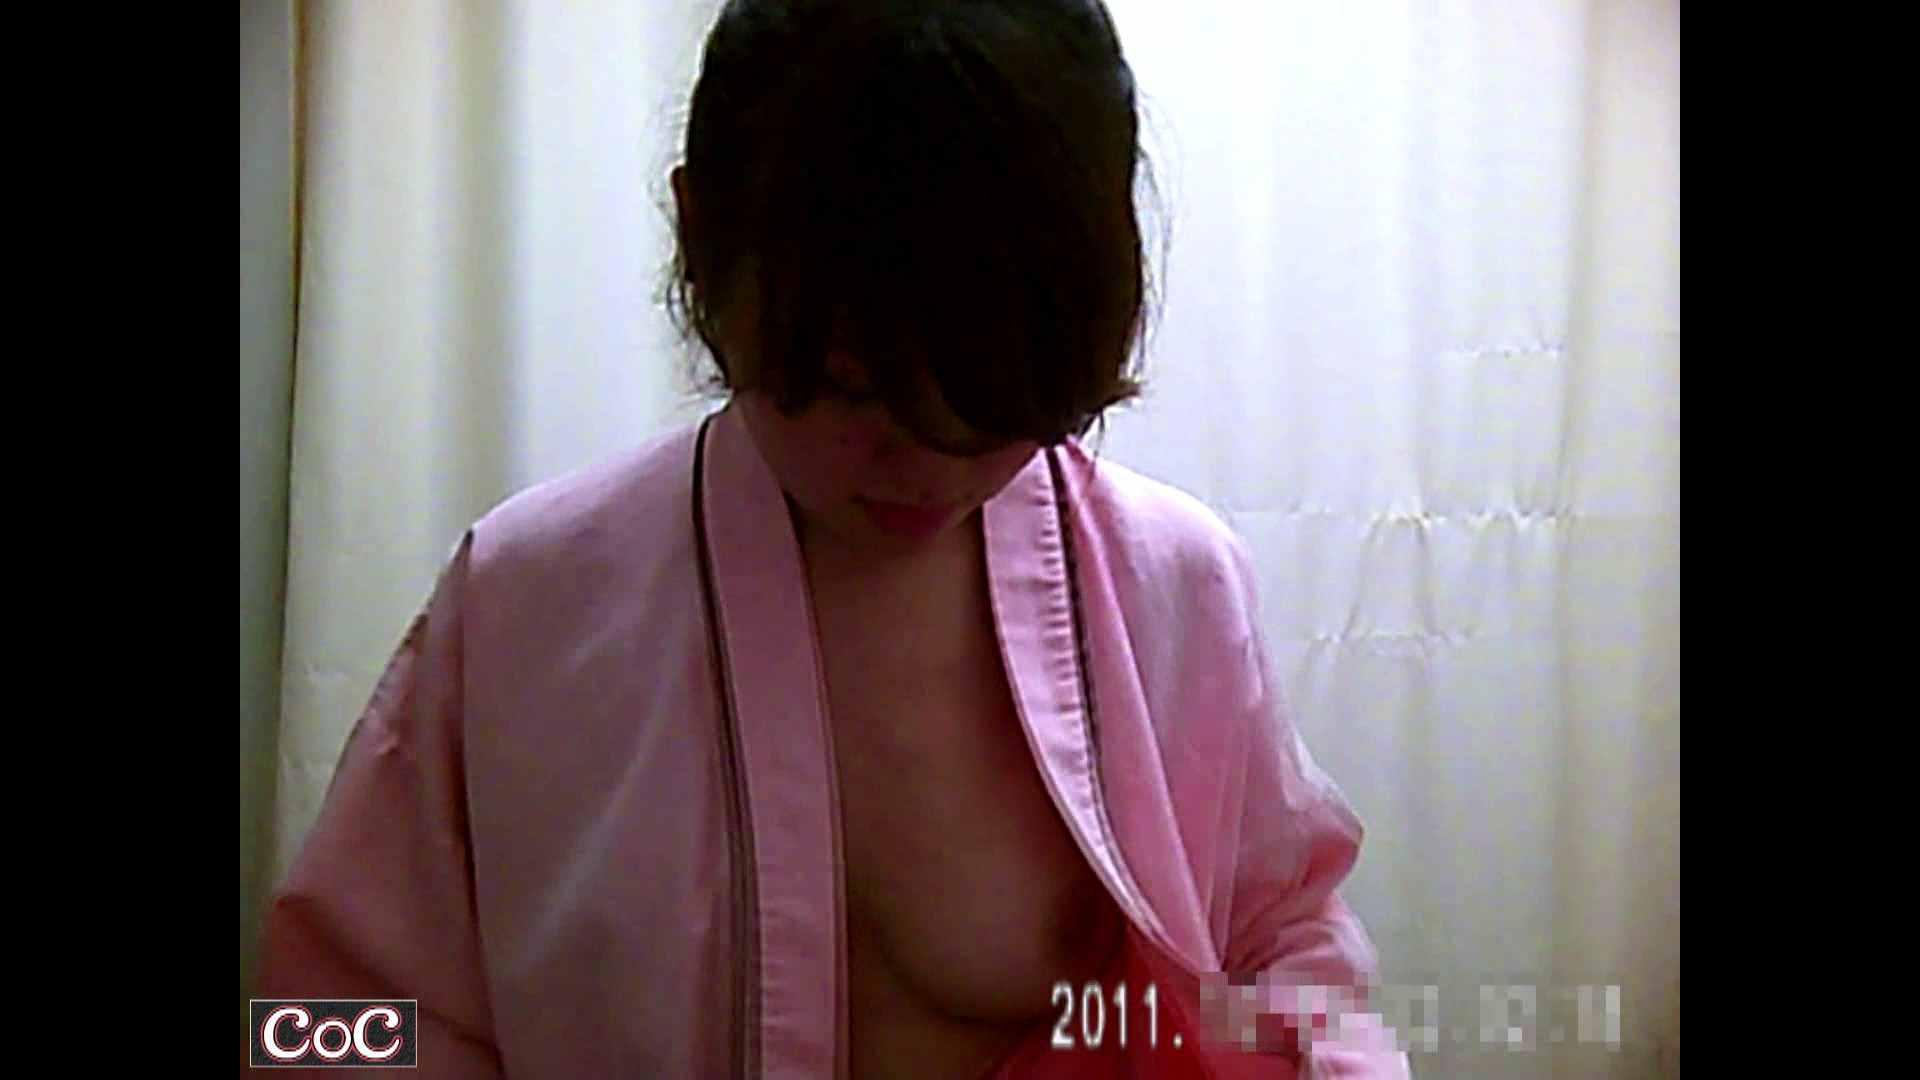 病院おもいっきり着替え! vol.59 巨乳 SEX無修正画像 81pic 61